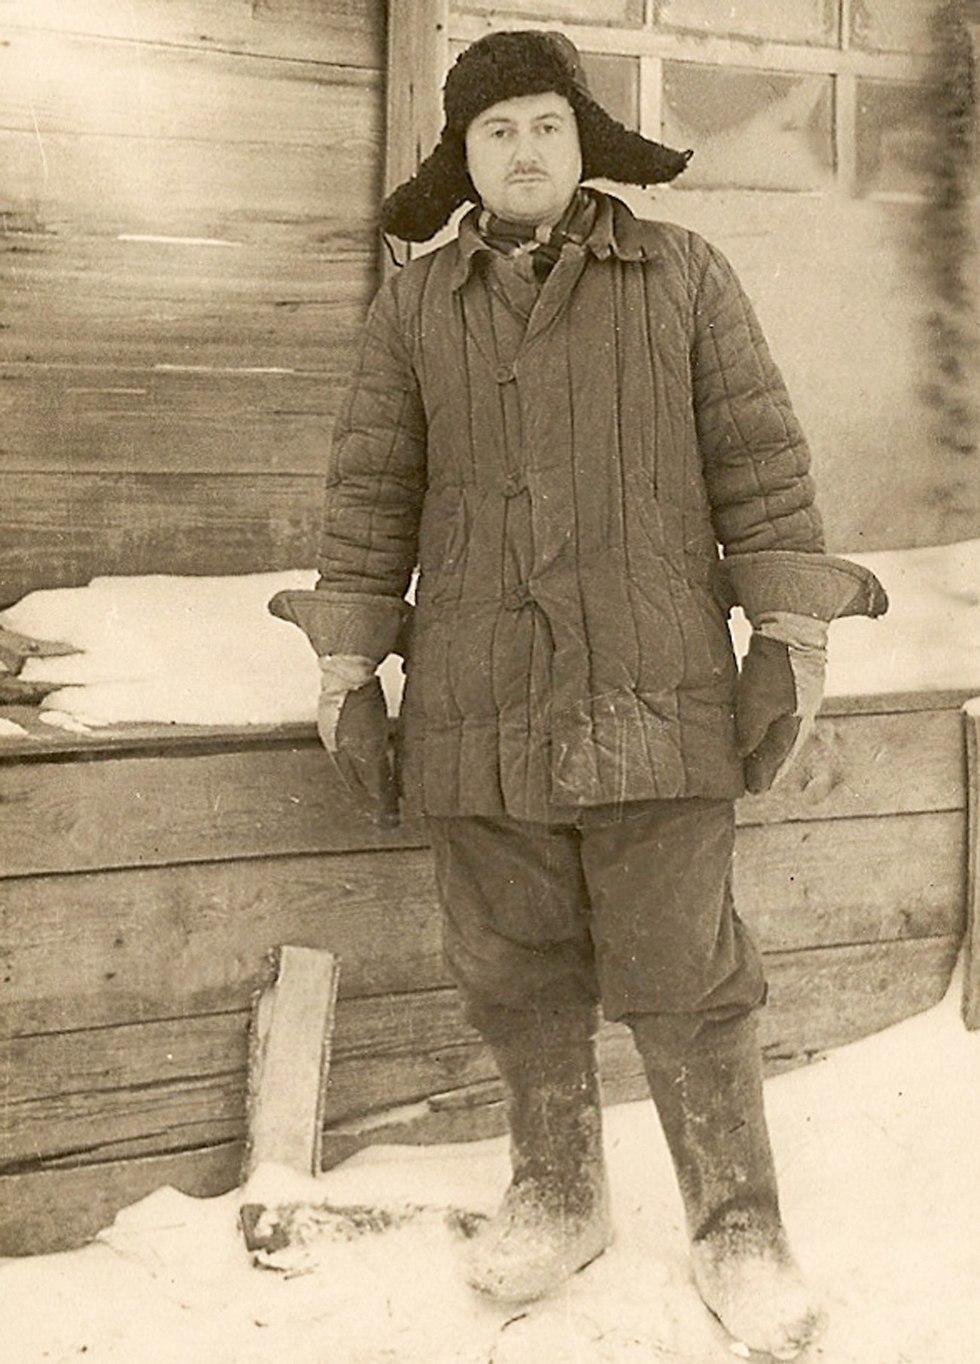 אסיר במחנה 7 במורדוביה (צילום: יוסף שניידר, באדיבות ארכיון הספריה הלאומית)